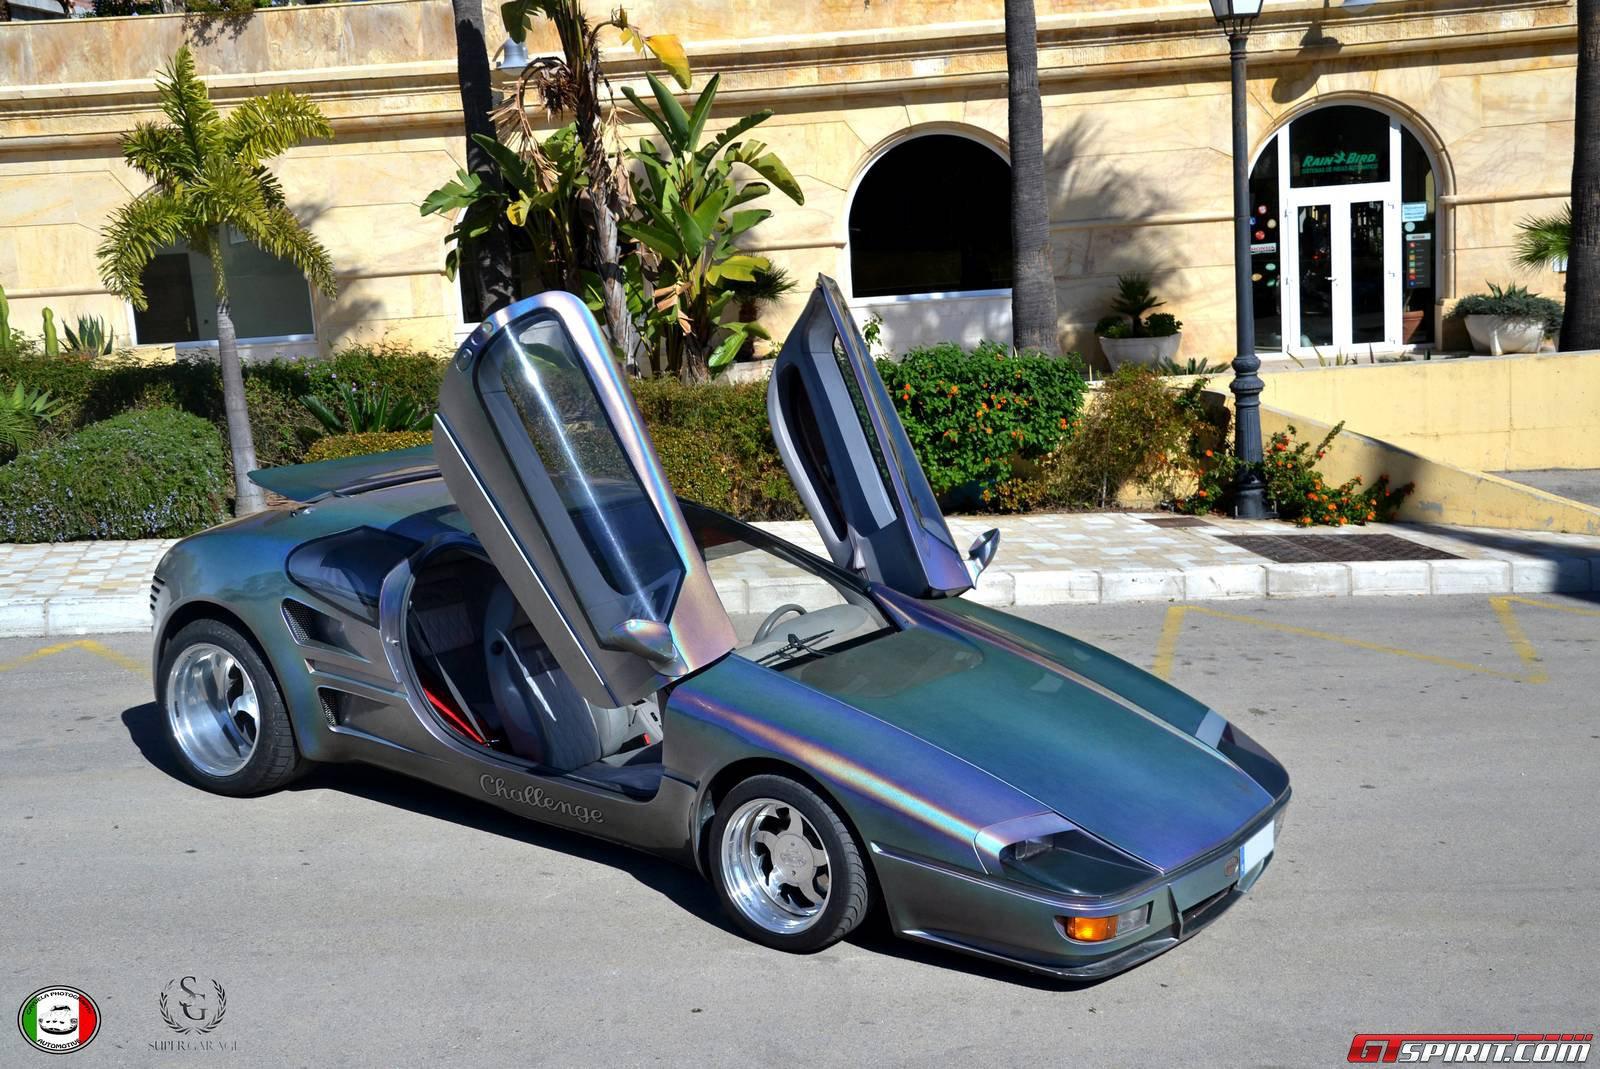 For Sale: One of Ten 1988 Sbarro Challenge III - GTspirit